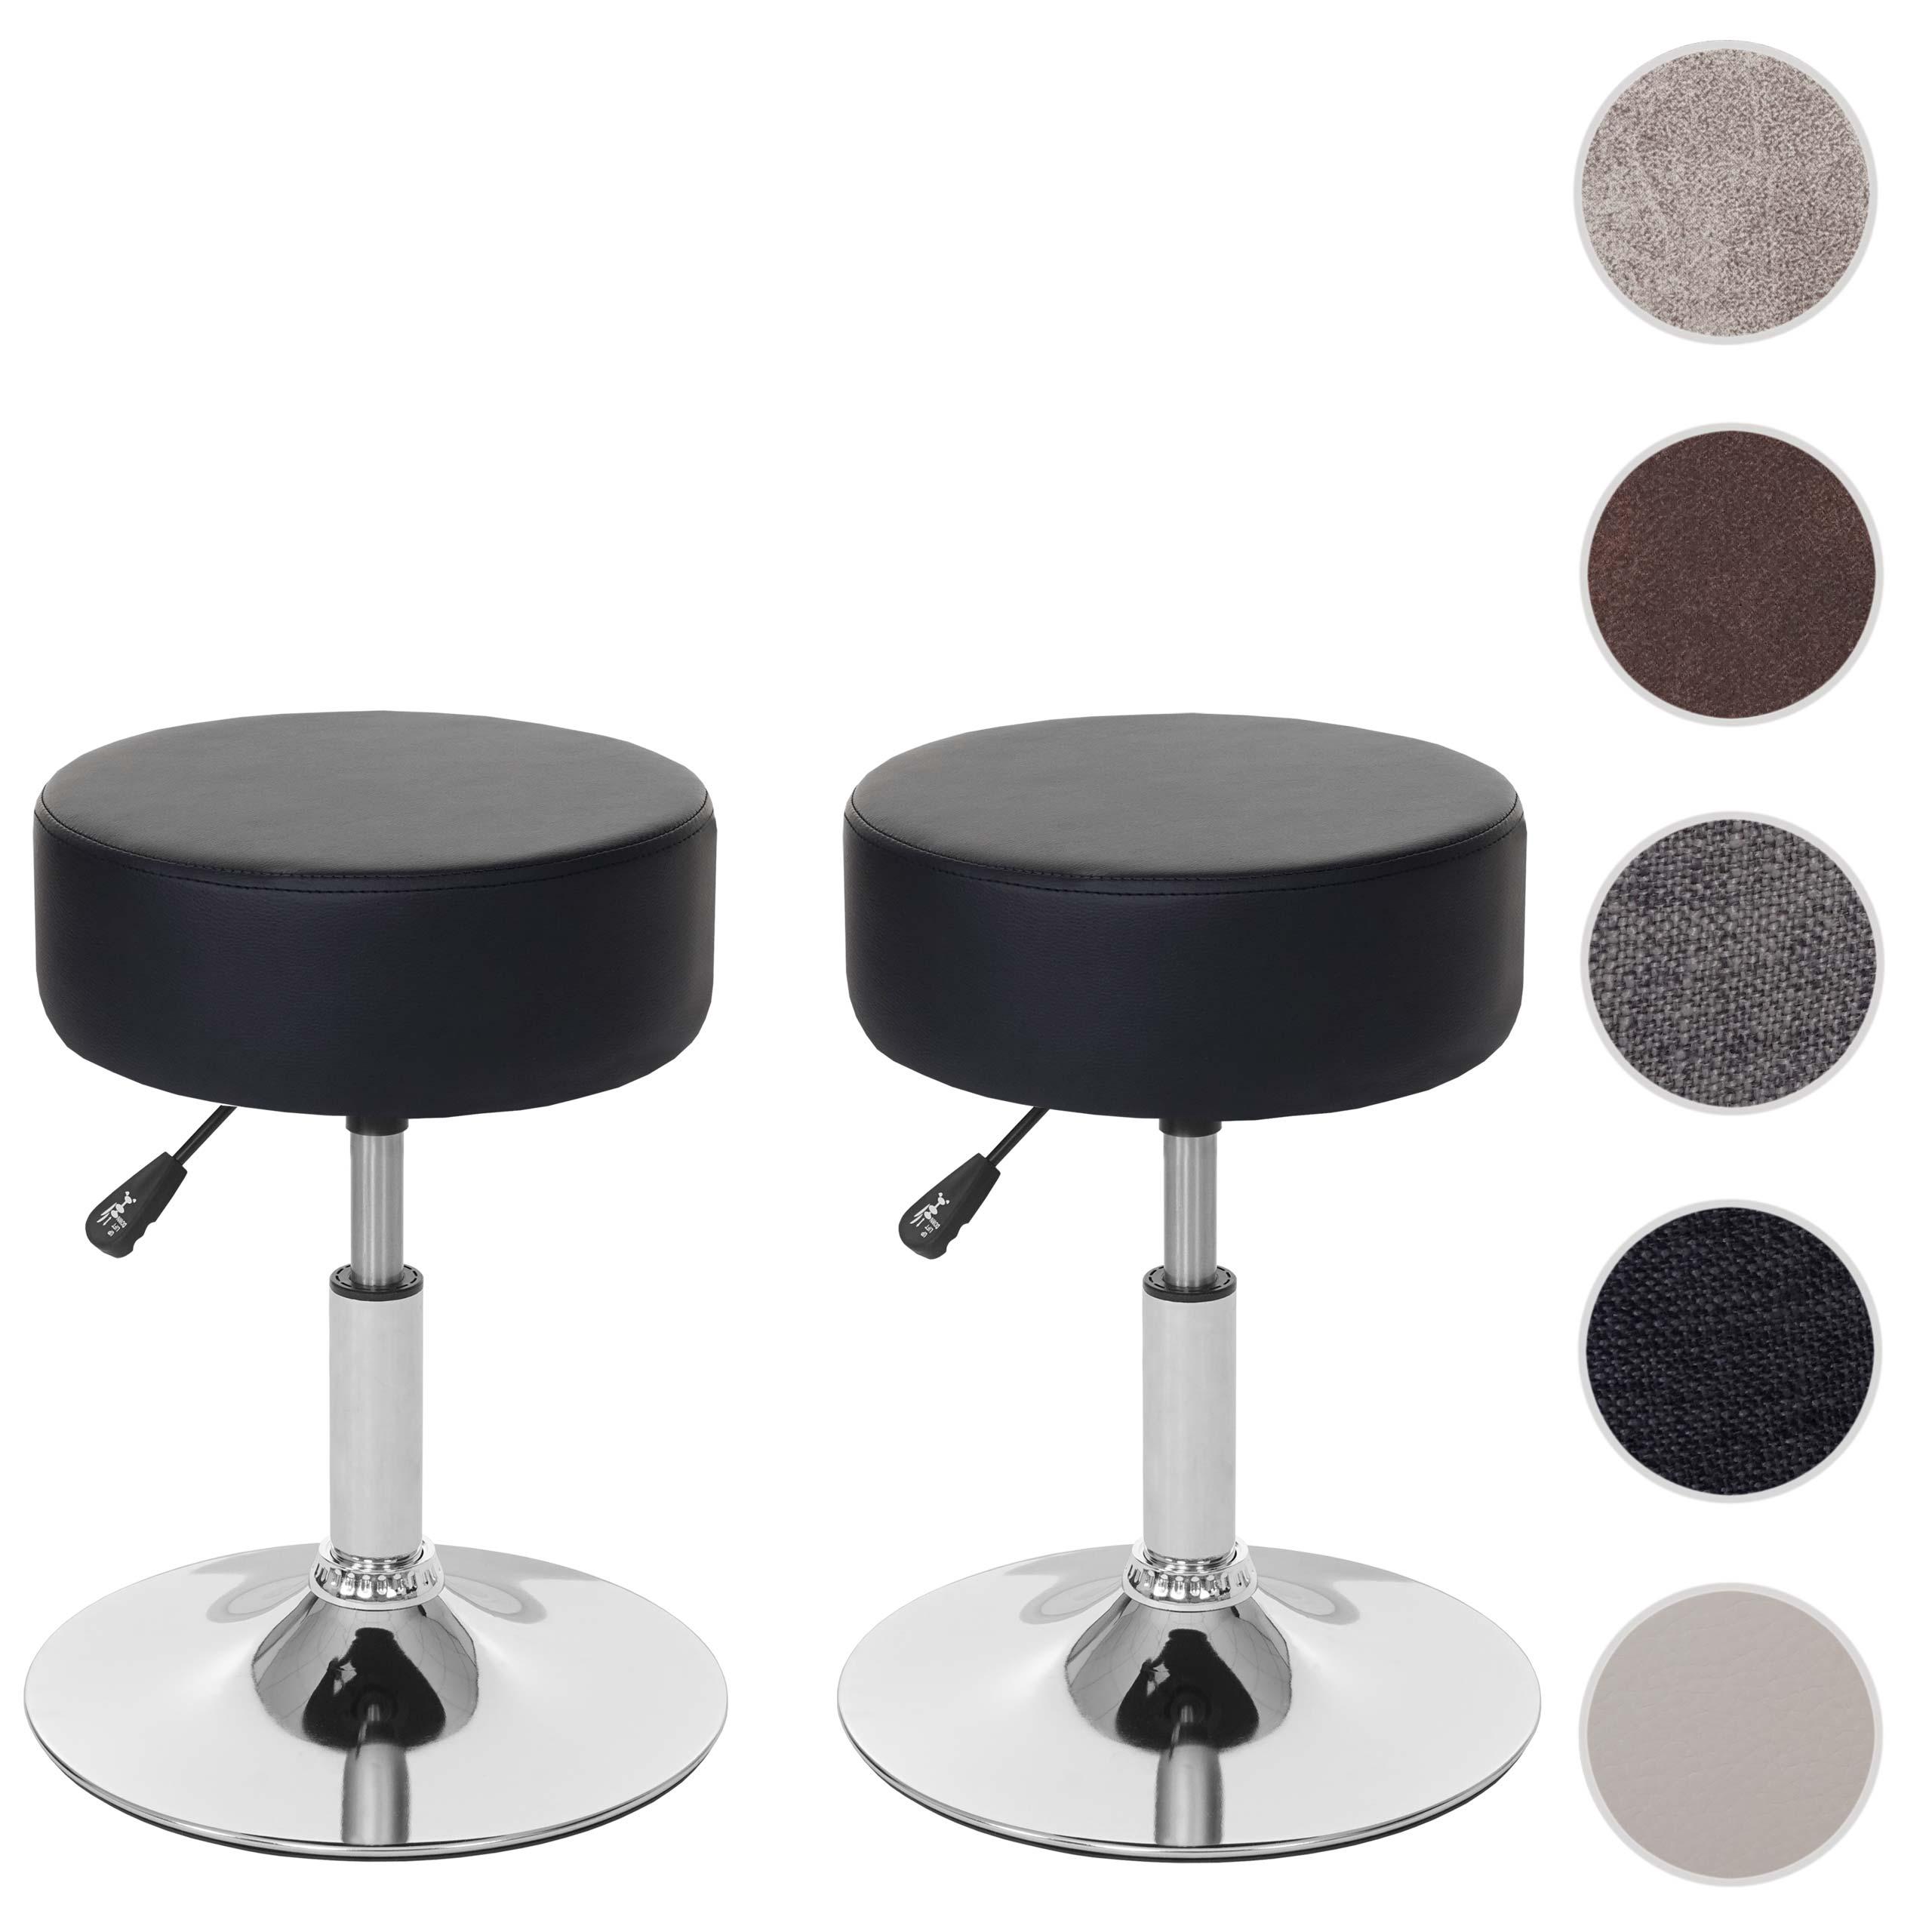 Mendler 2x Hocker HWC-C22, Sitzhocker Schminkhocker, höhenverstellbar Ř 35cm ~ Variantenangebot 61195